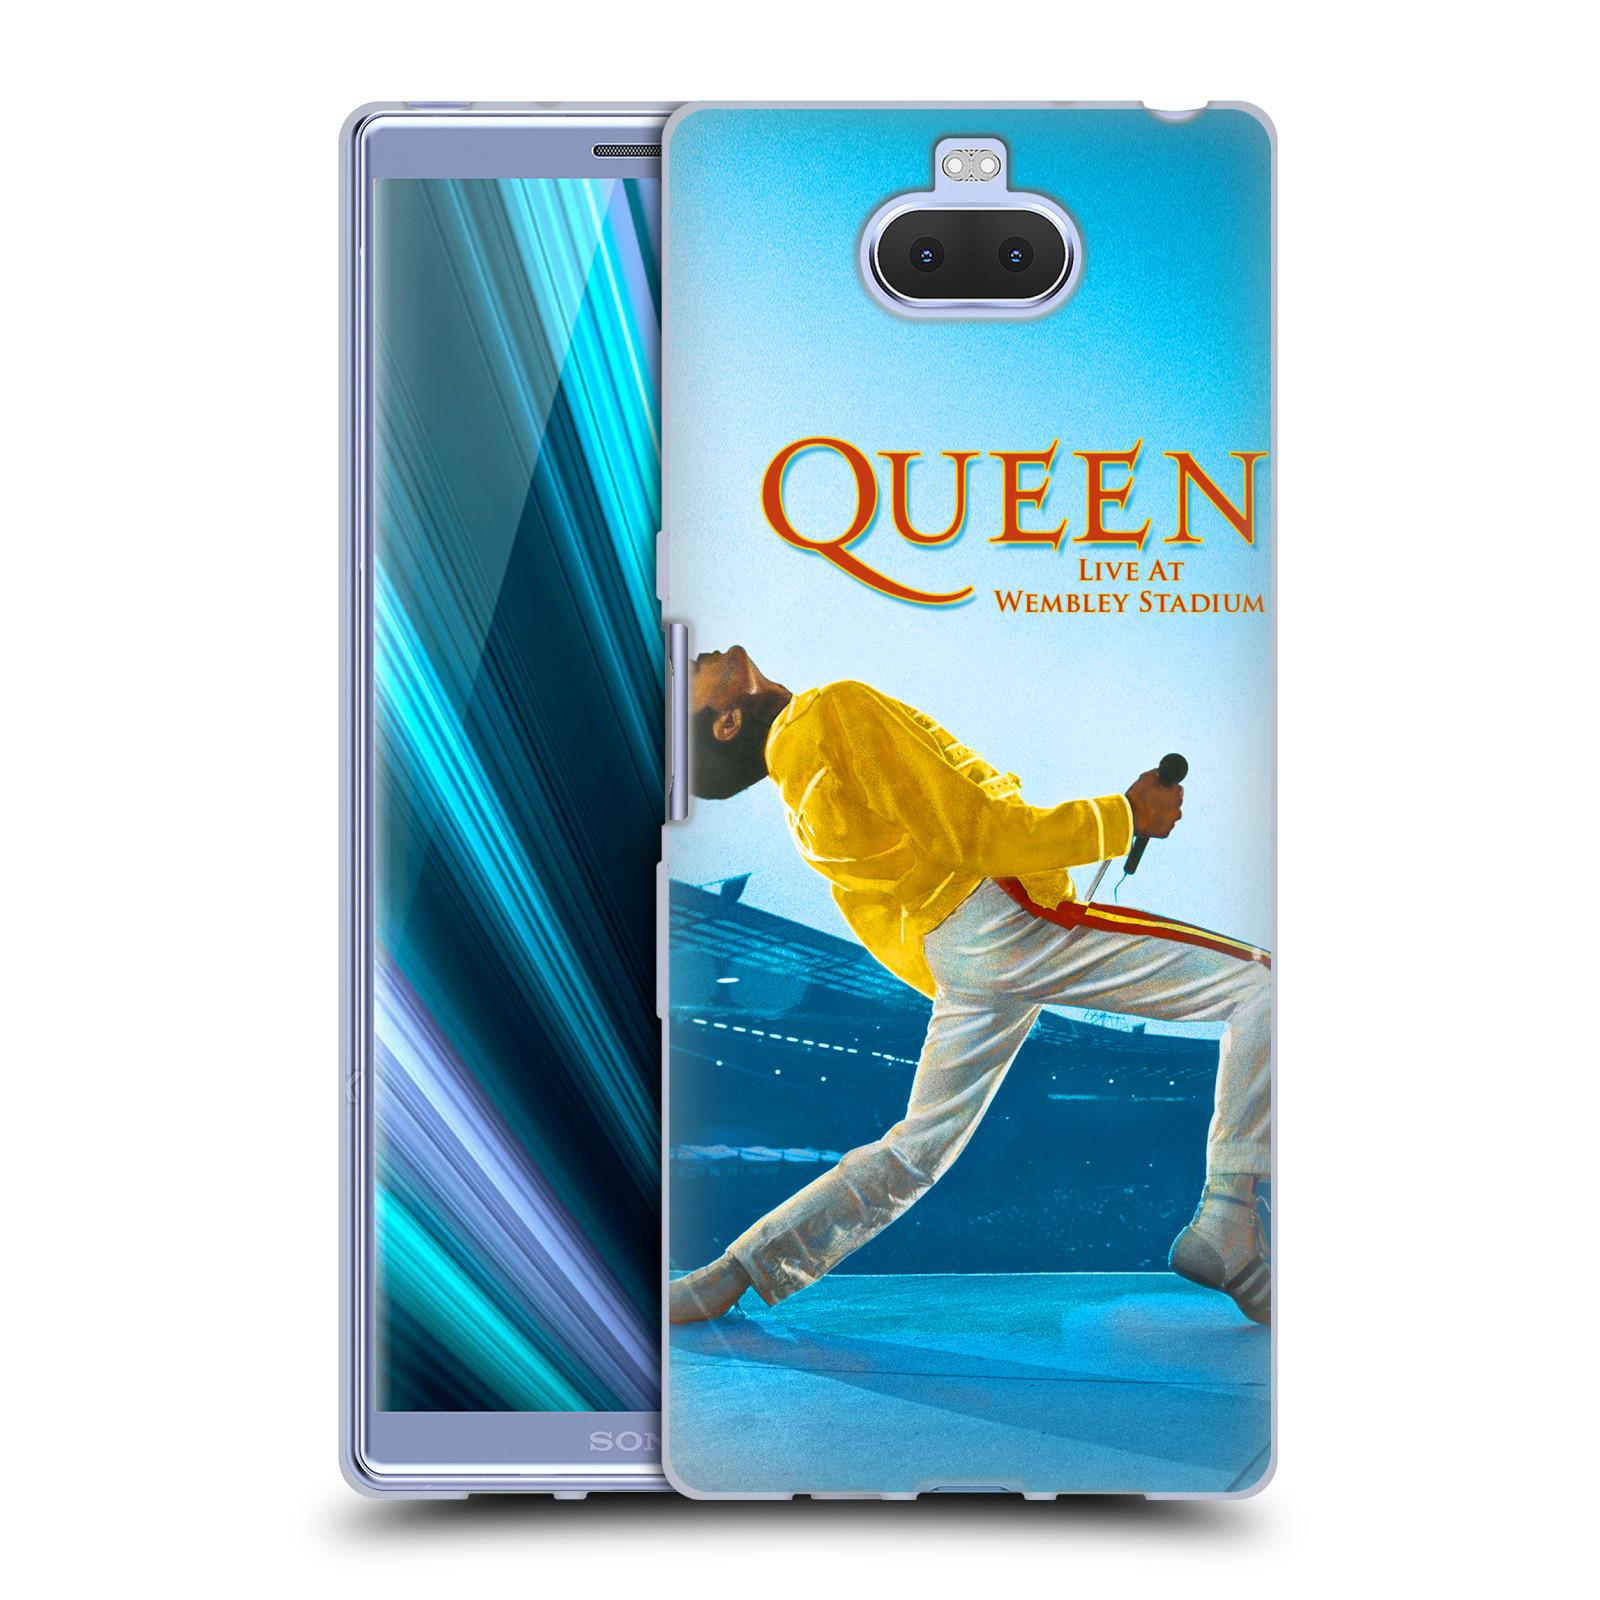 Silikonové pouzdro na mobil Sony Xperia 10 Plus - Head Case - Queen - Freddie Mercury